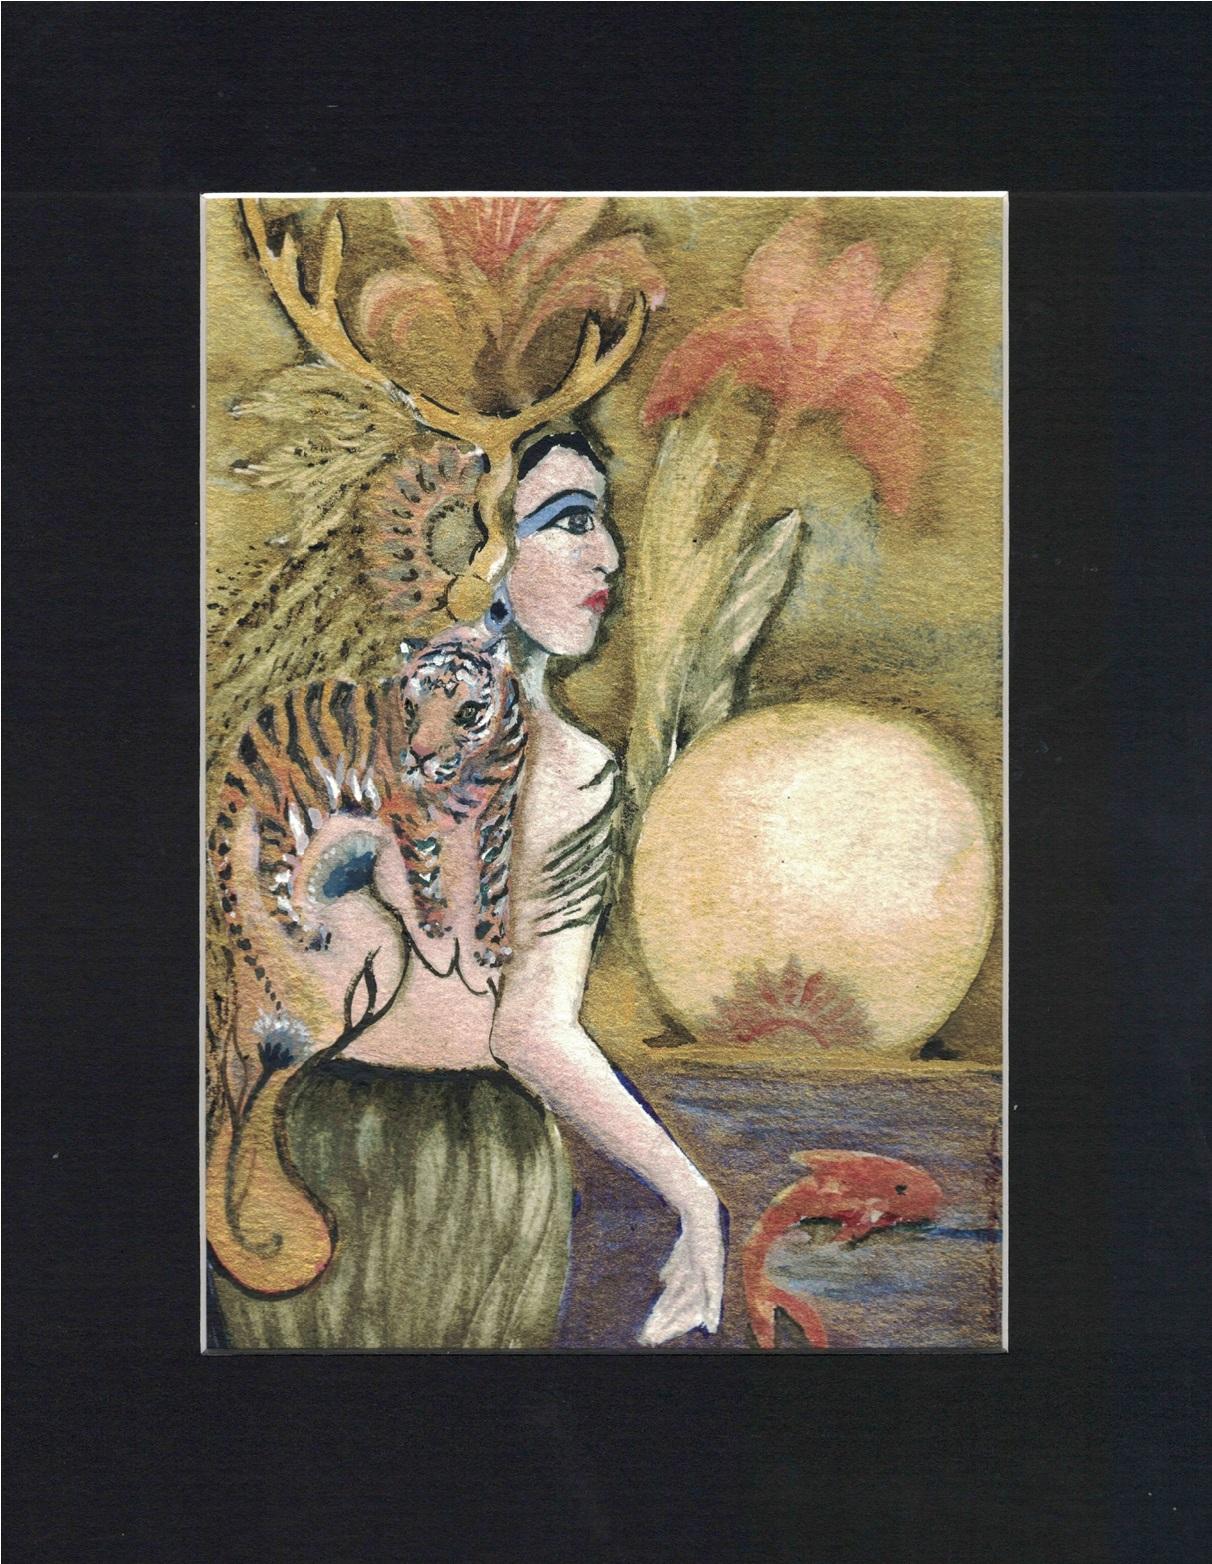 Tiny Dancer 2- Tiger Woman